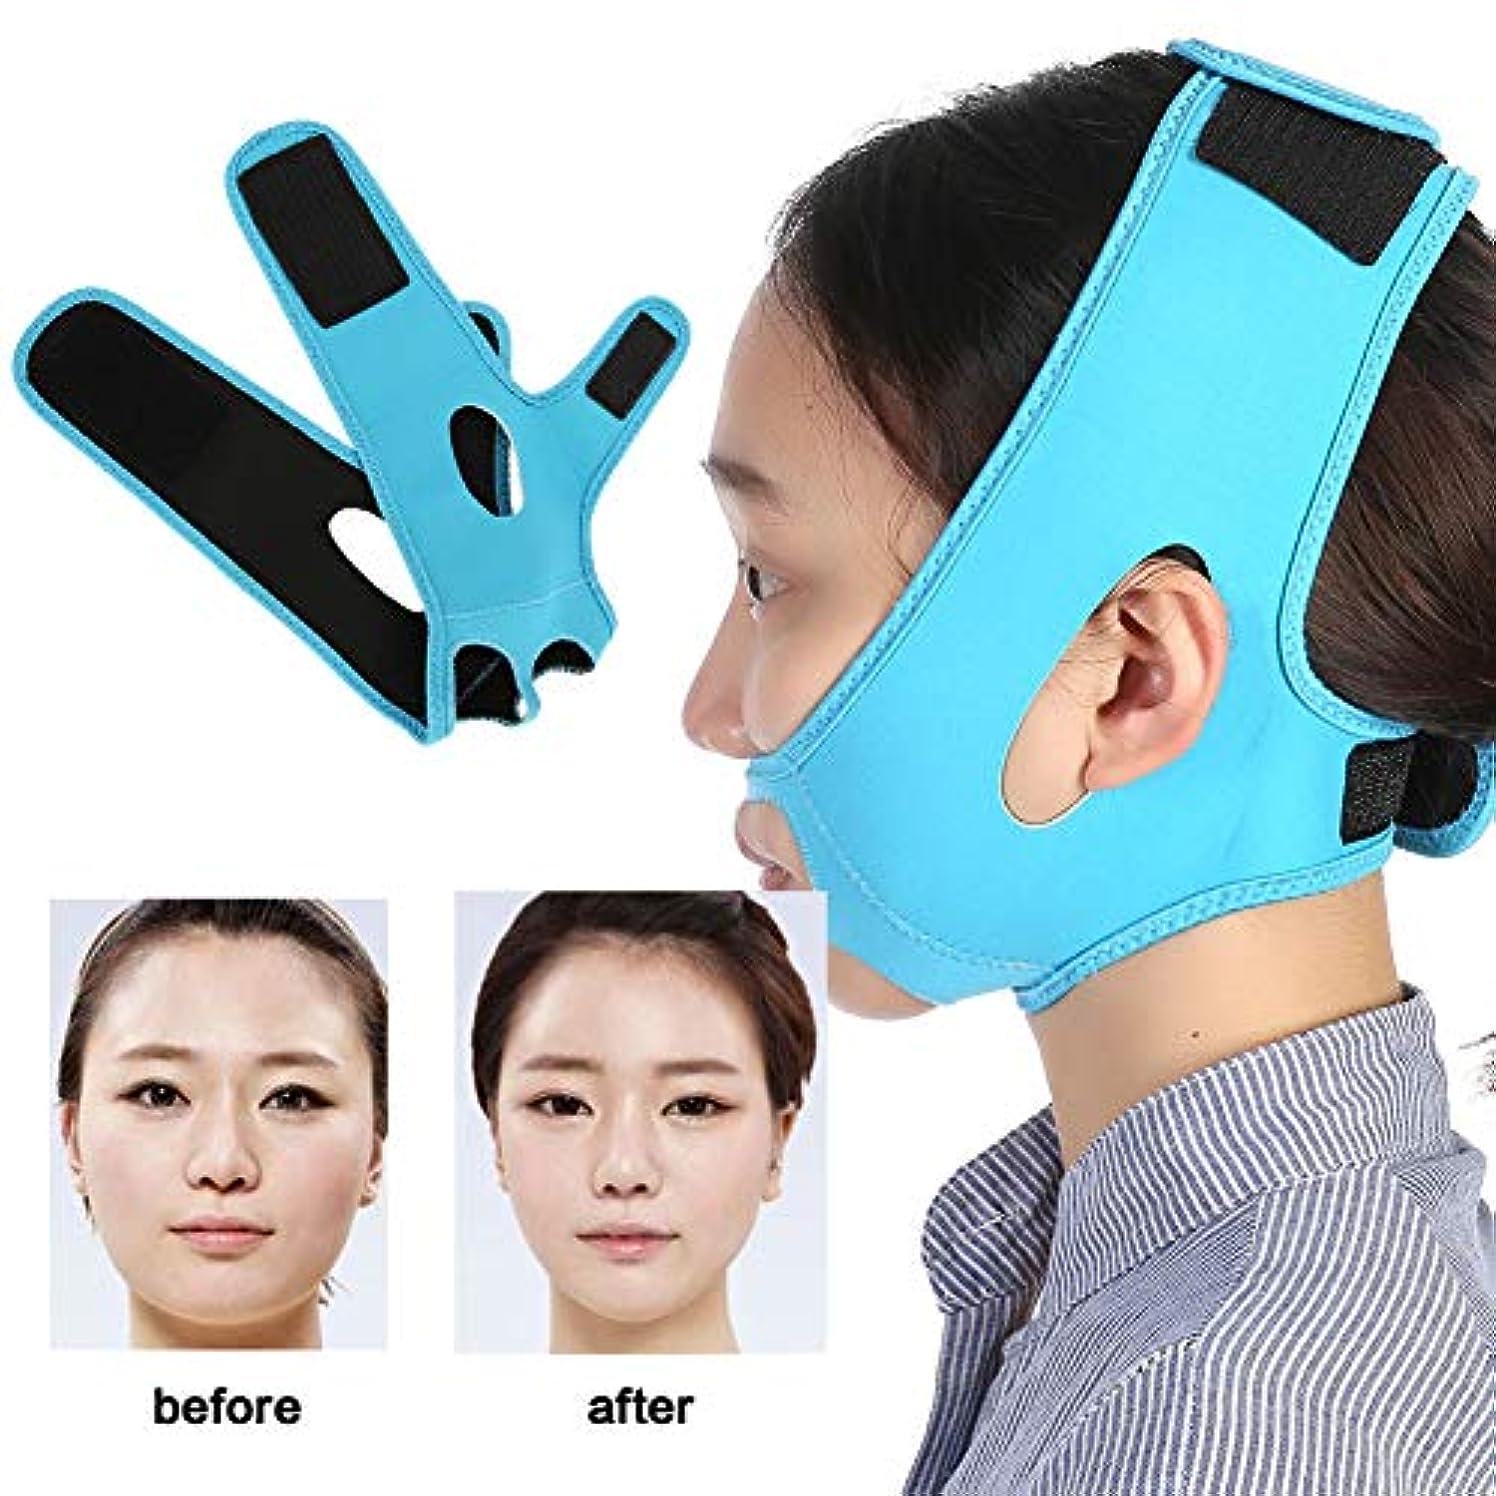 野心ペダルアンソロジー顔の輪郭を改善するためのフェイスマスクのスリム化、Vフェイス美容包帯、通気性/伸縮性/非変形性